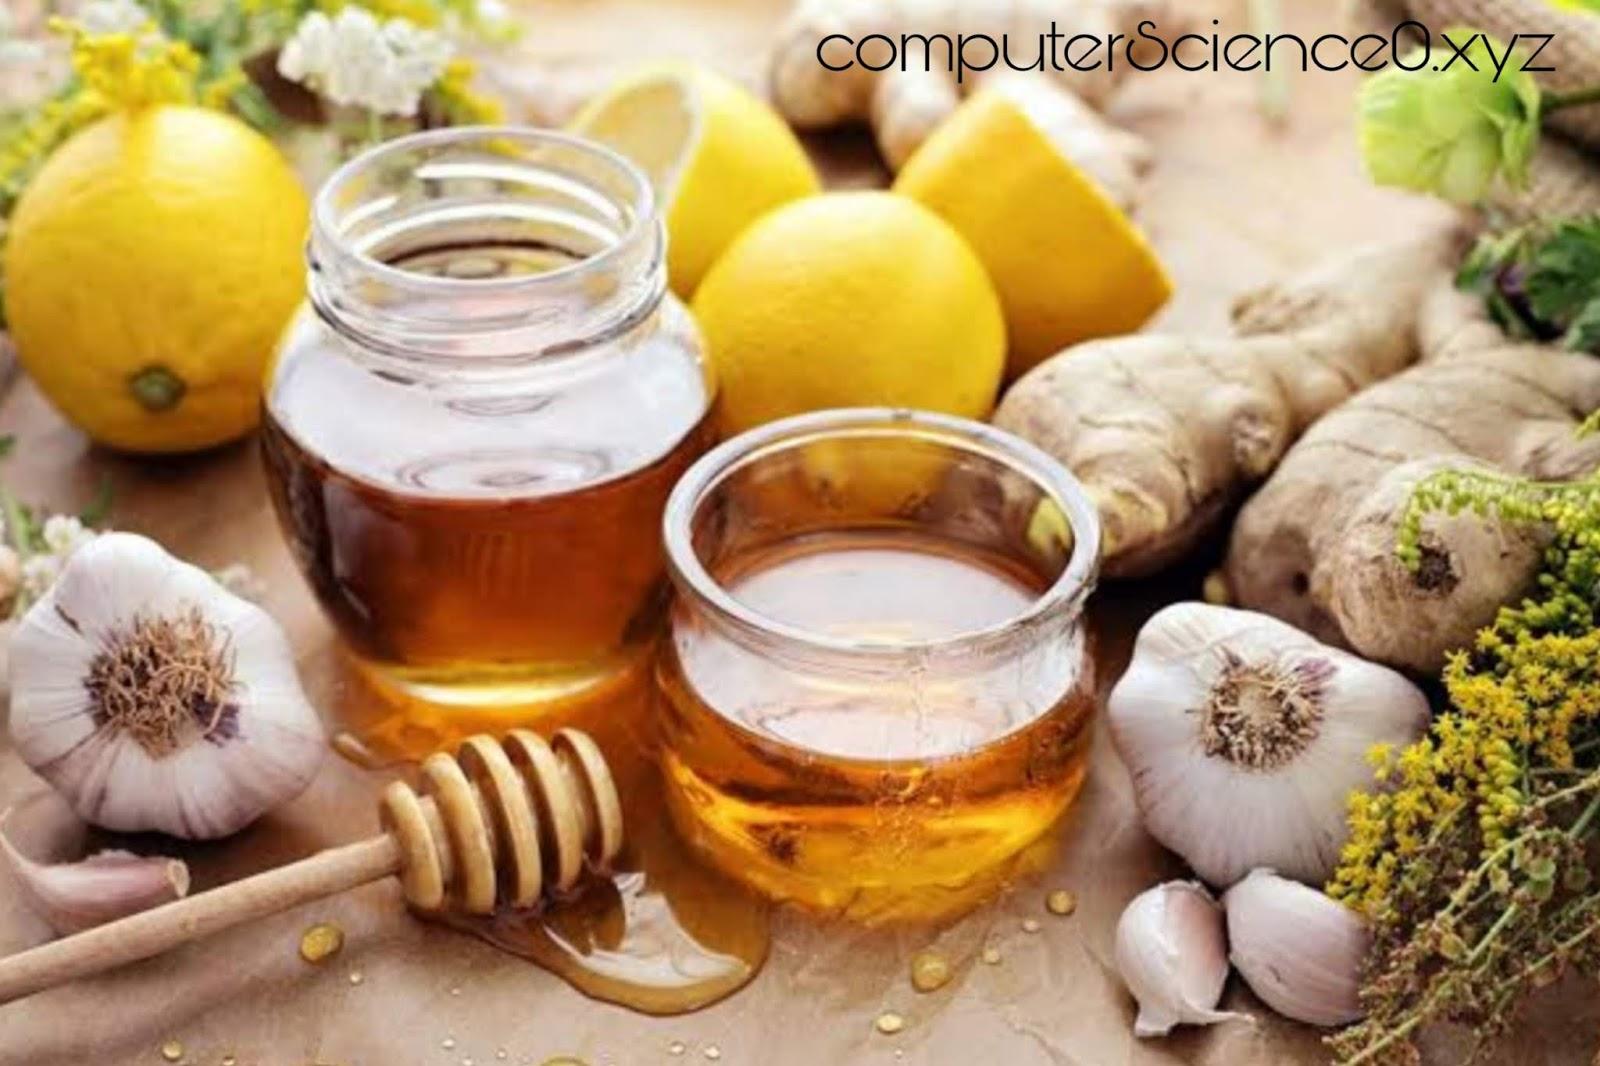 Honey and Garlic to increase immunity power at home